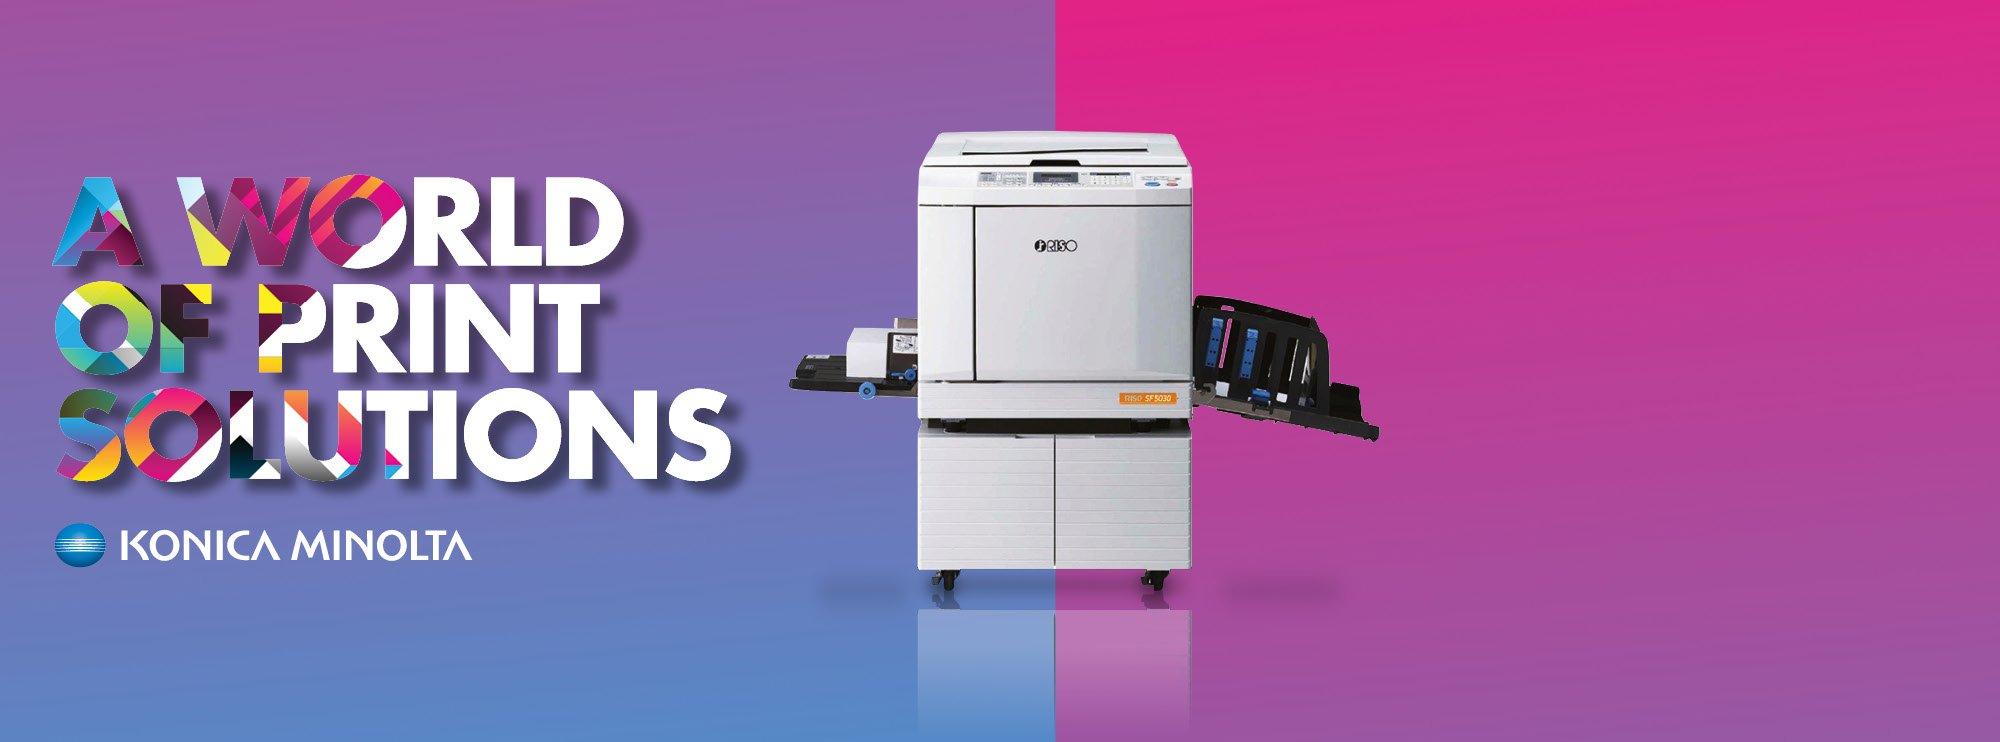 ריסו, מדפסות לייזר צבע, מדפסות לייזר צבעוניות, מדפסות לייזר לעסק, מדפסות לייזר למשרד